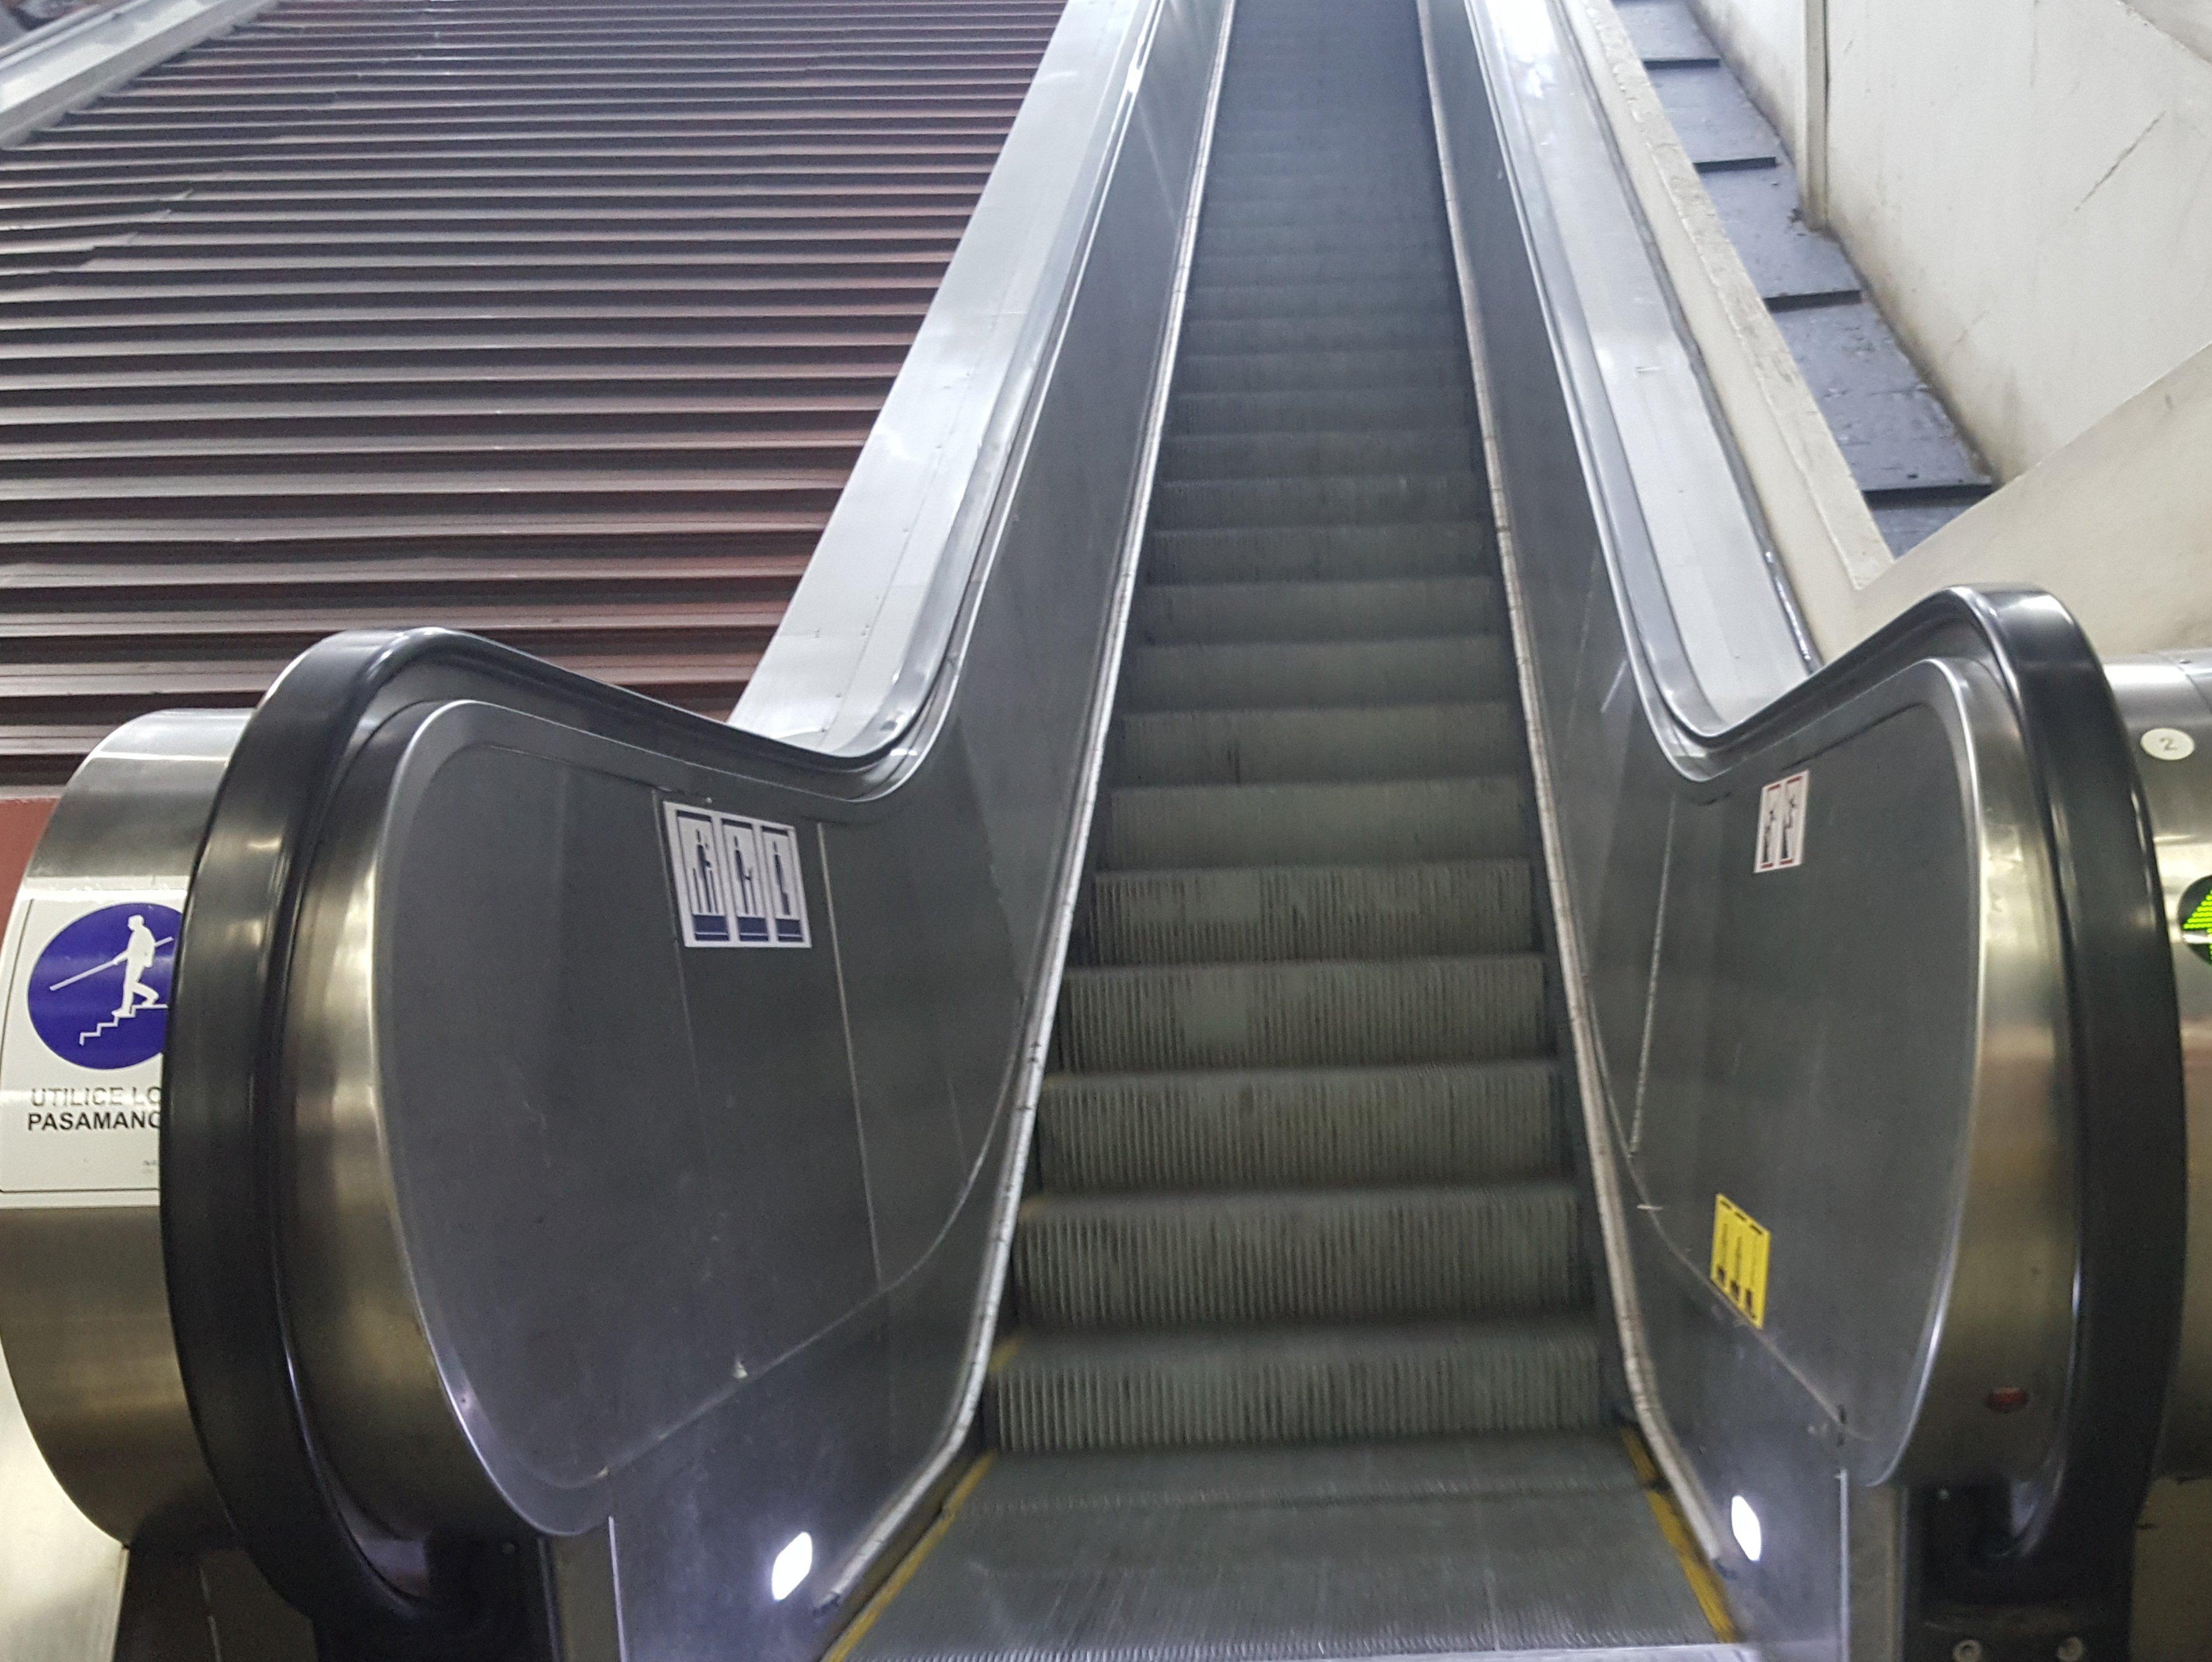 largas escaleras mecánicas para acceder a estación franklin